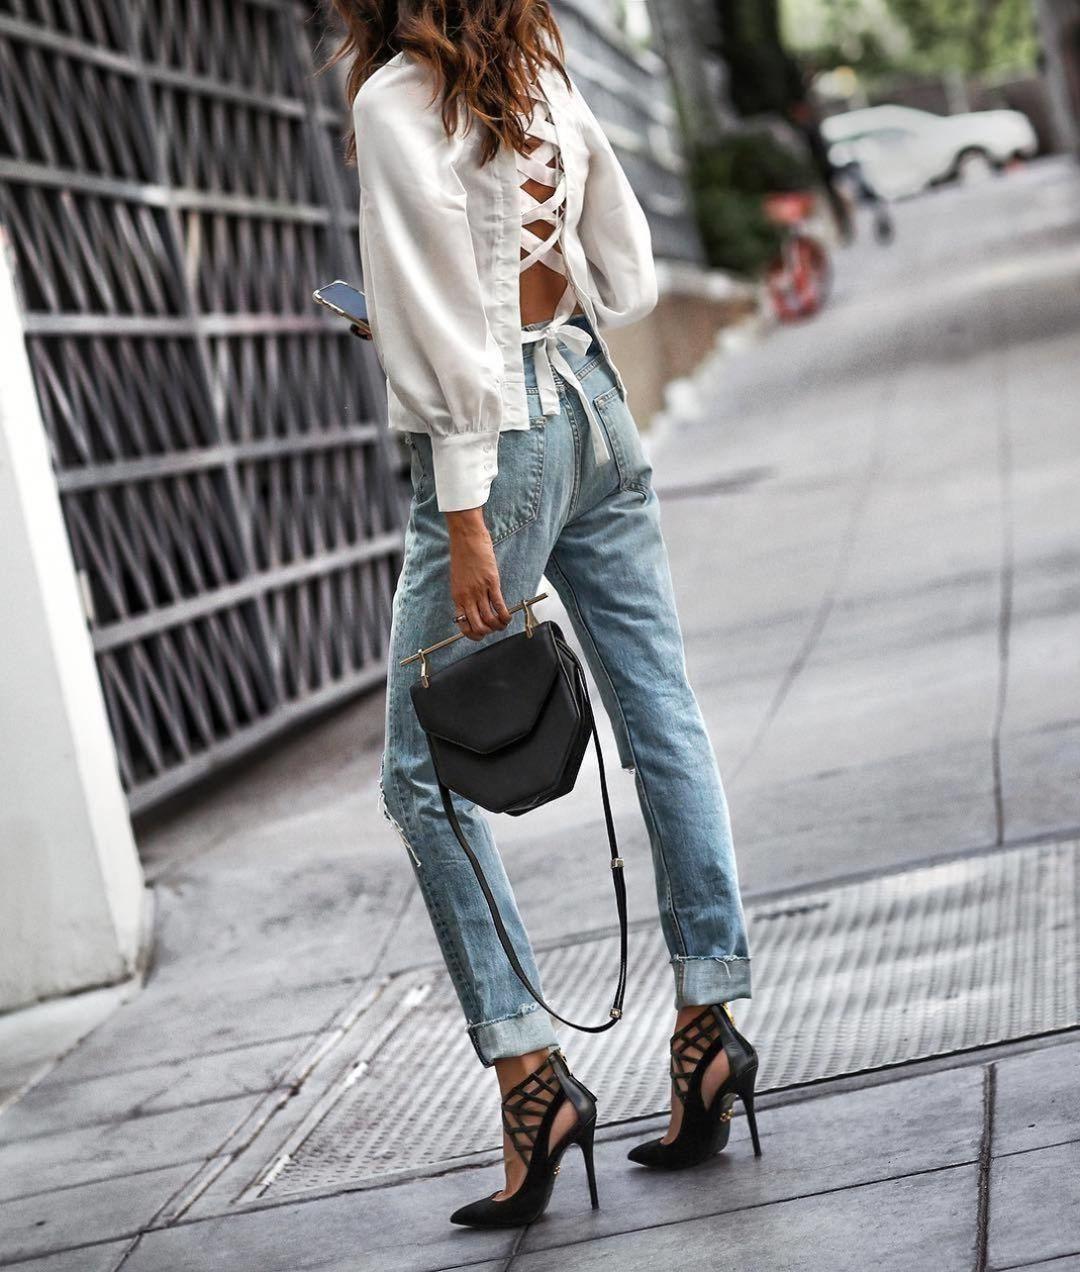 Для создания элегантного образа сочетай джинсы-бойфренды с легкой блузкой и обувью на шпильке.